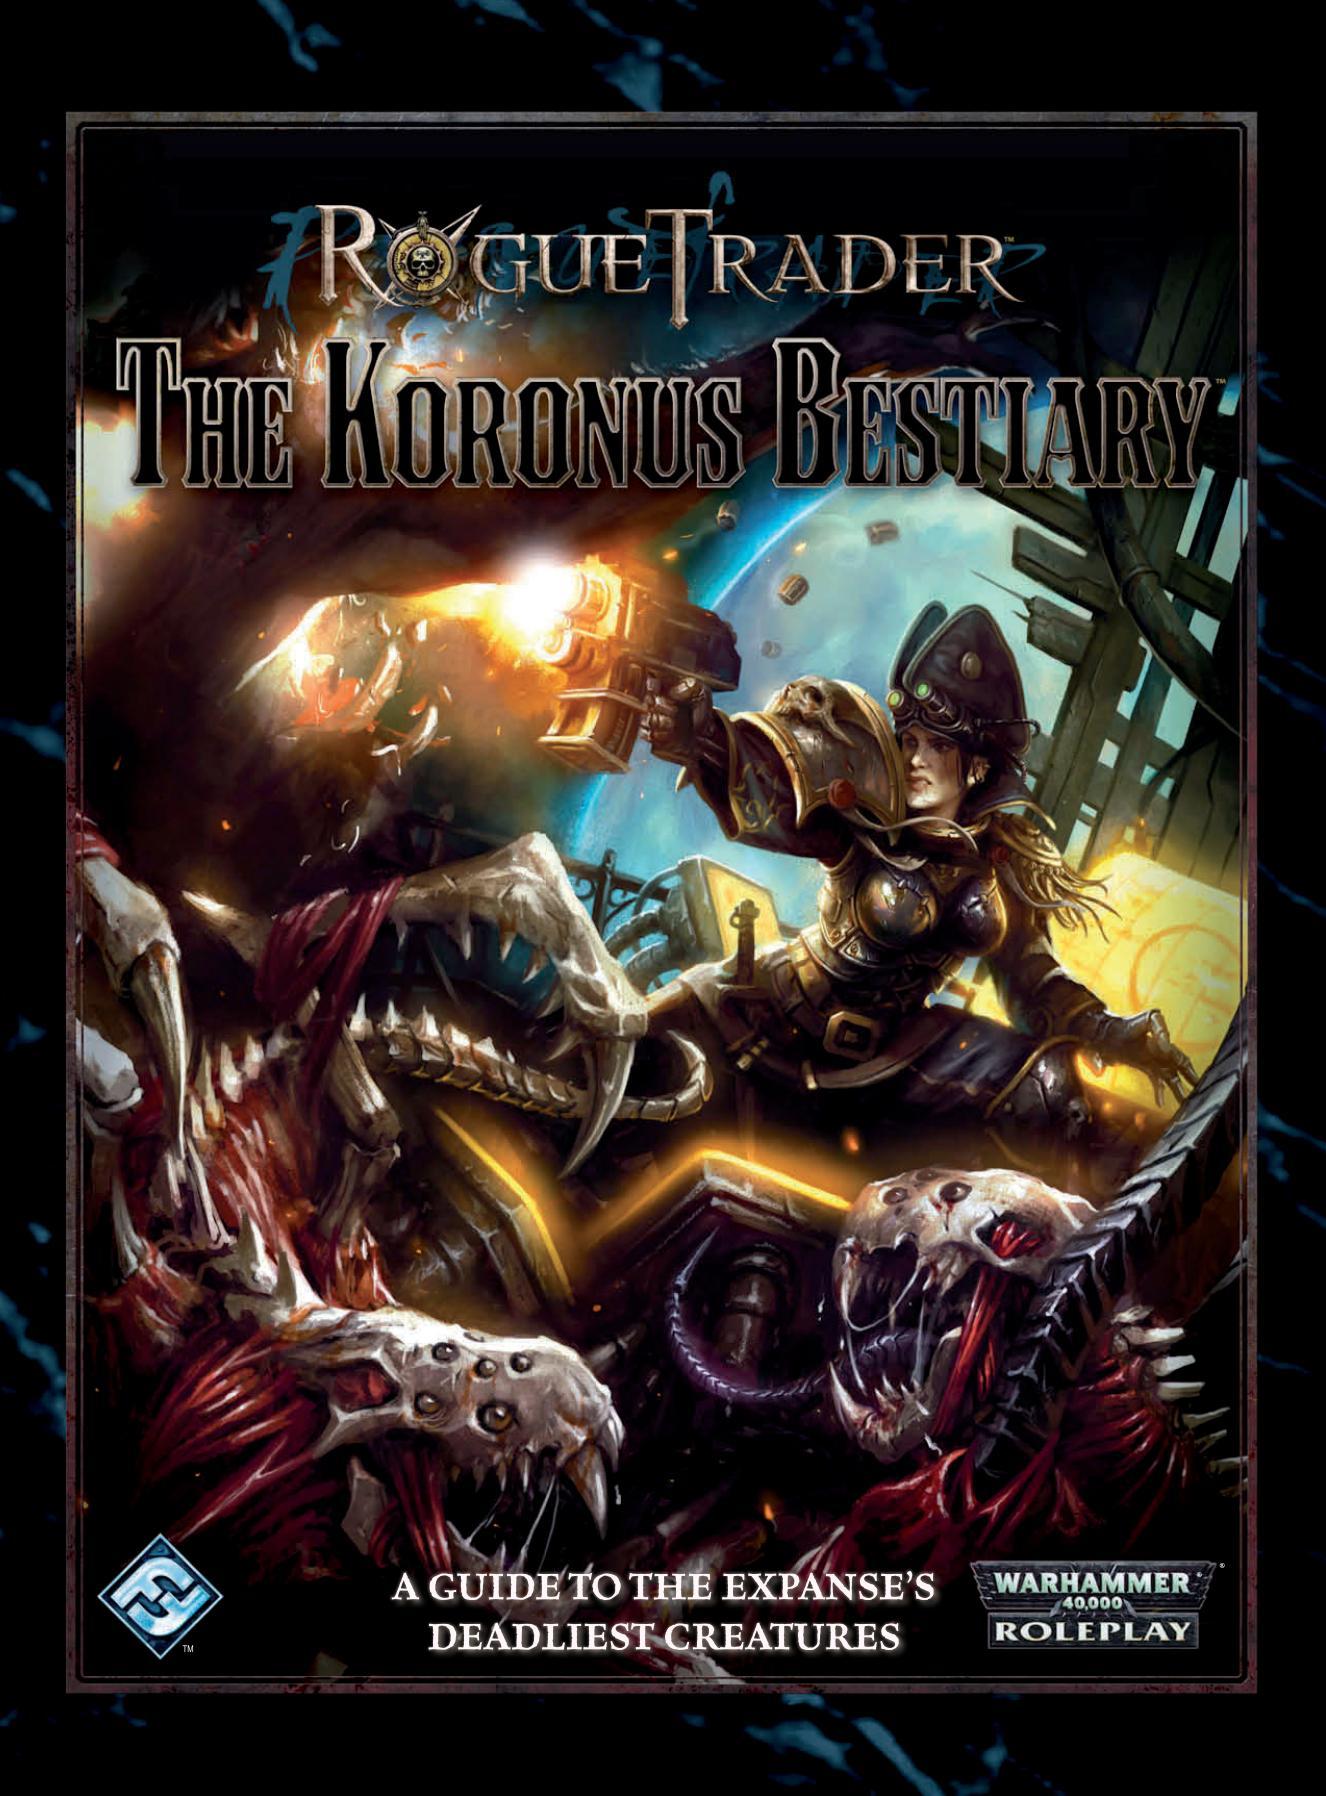 rogue trader pdf free download